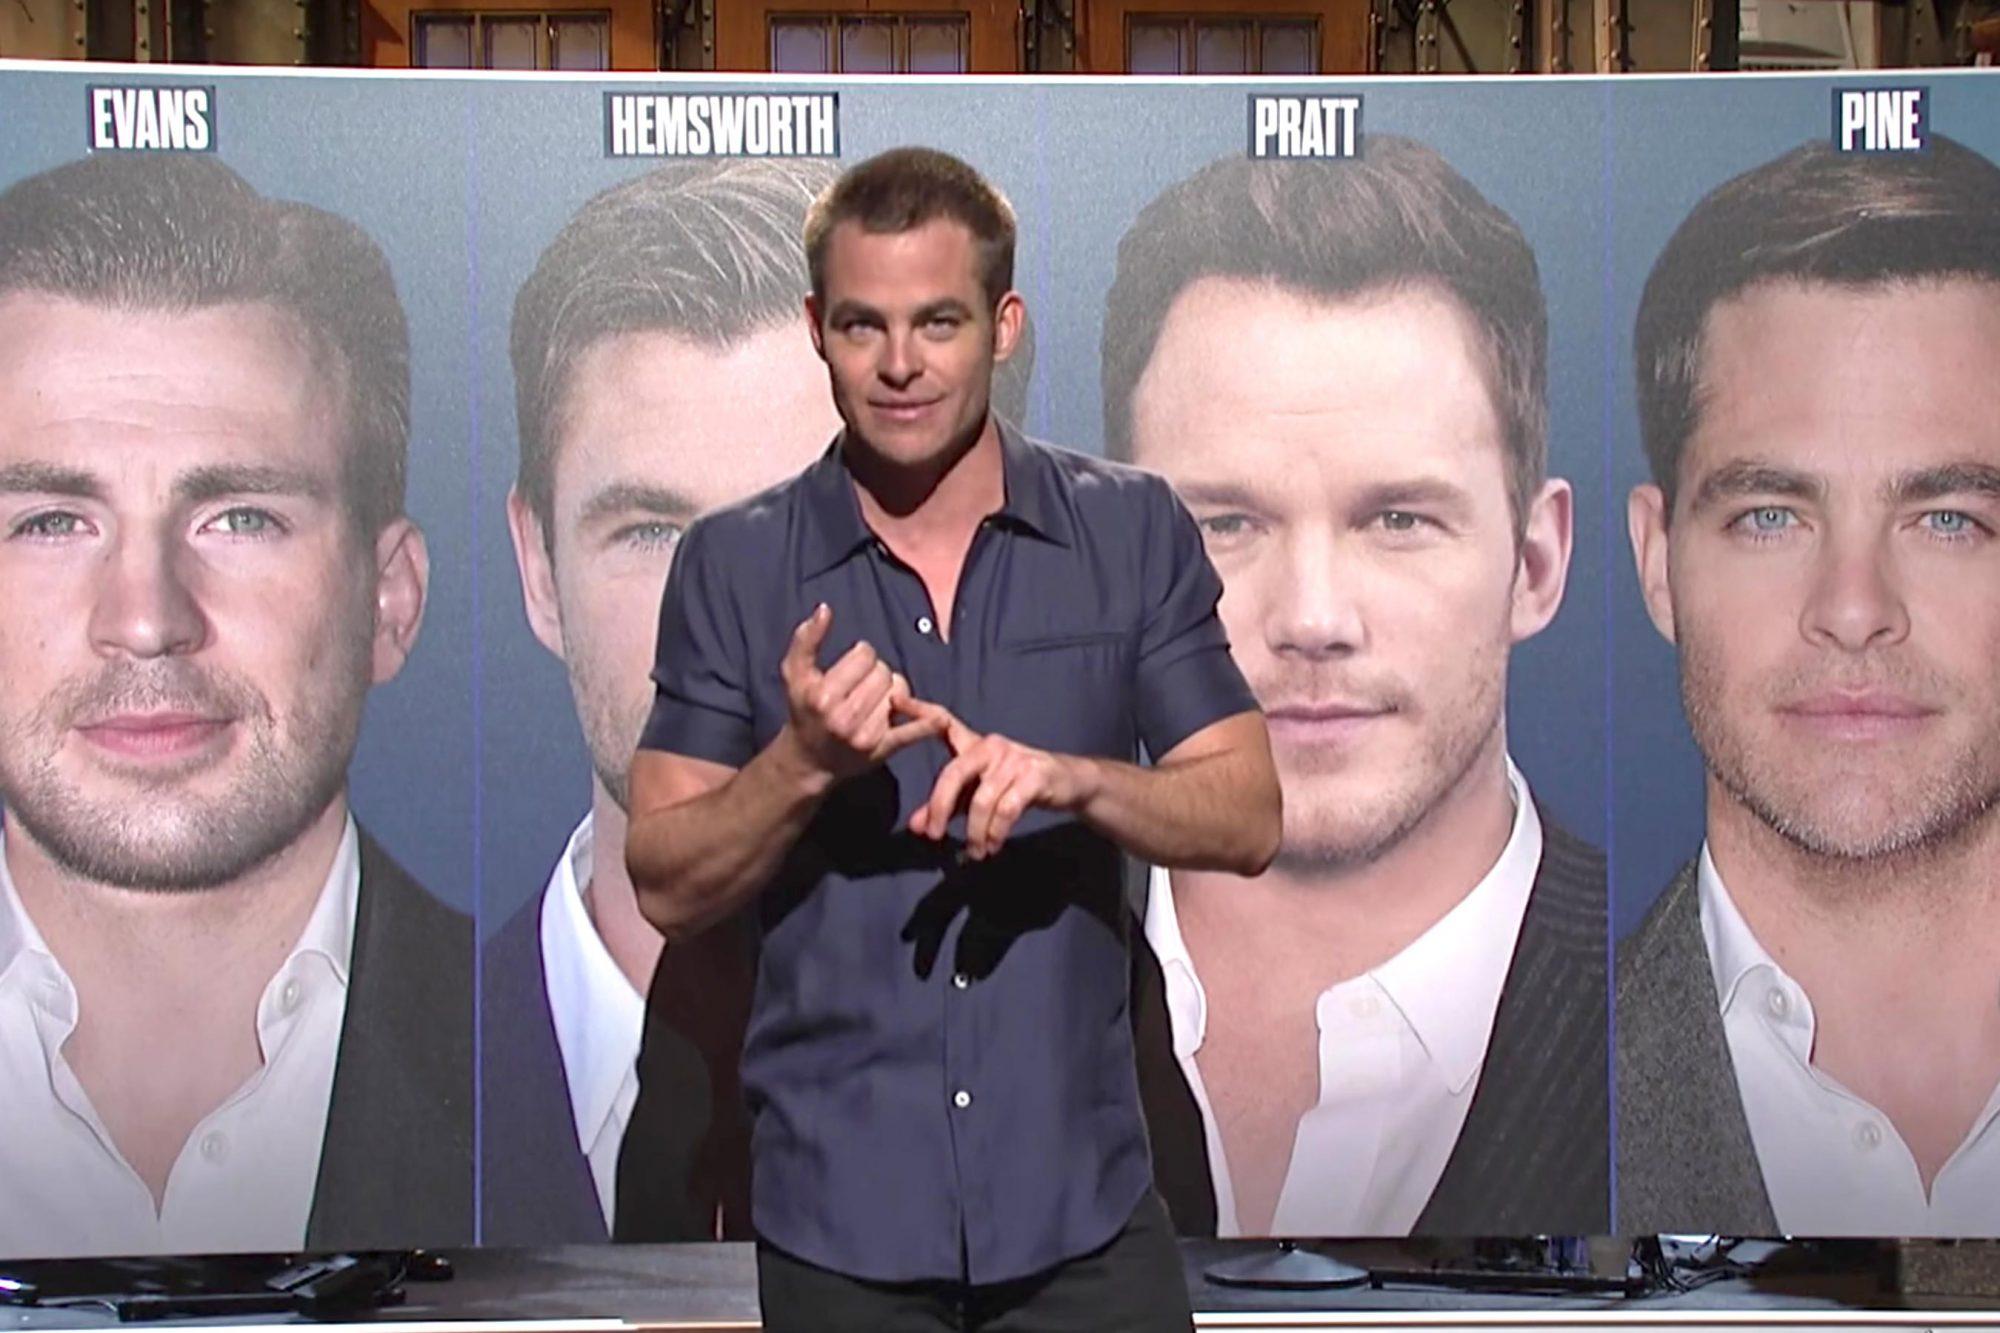 SNL 05/06/17 - Chris Pine (screen grab) CR: NBC